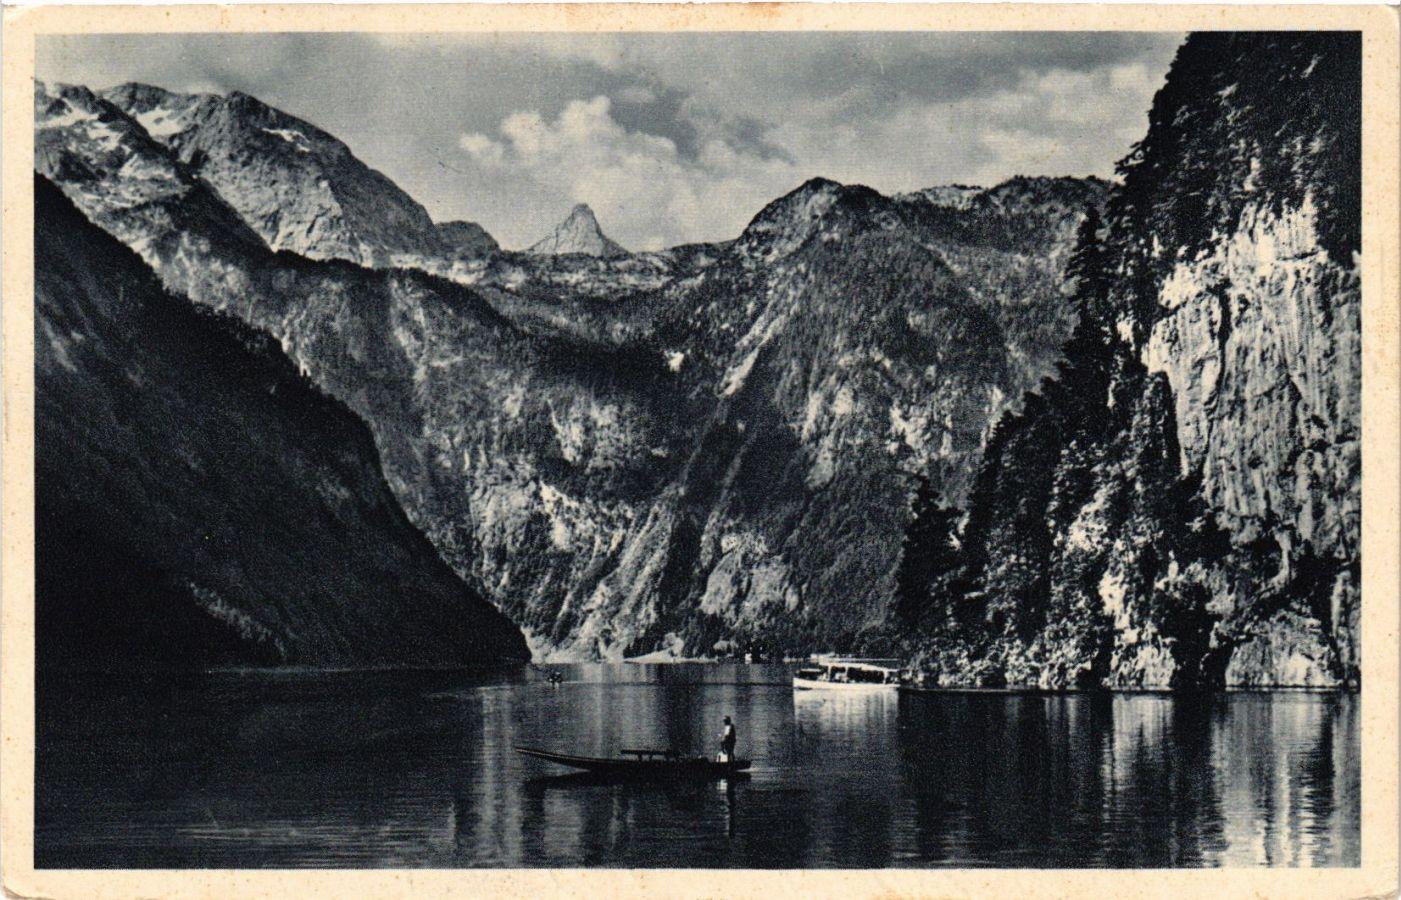 CPA-AK-Konigssee-mit-Steinernem-Meer-GERMANY-879284